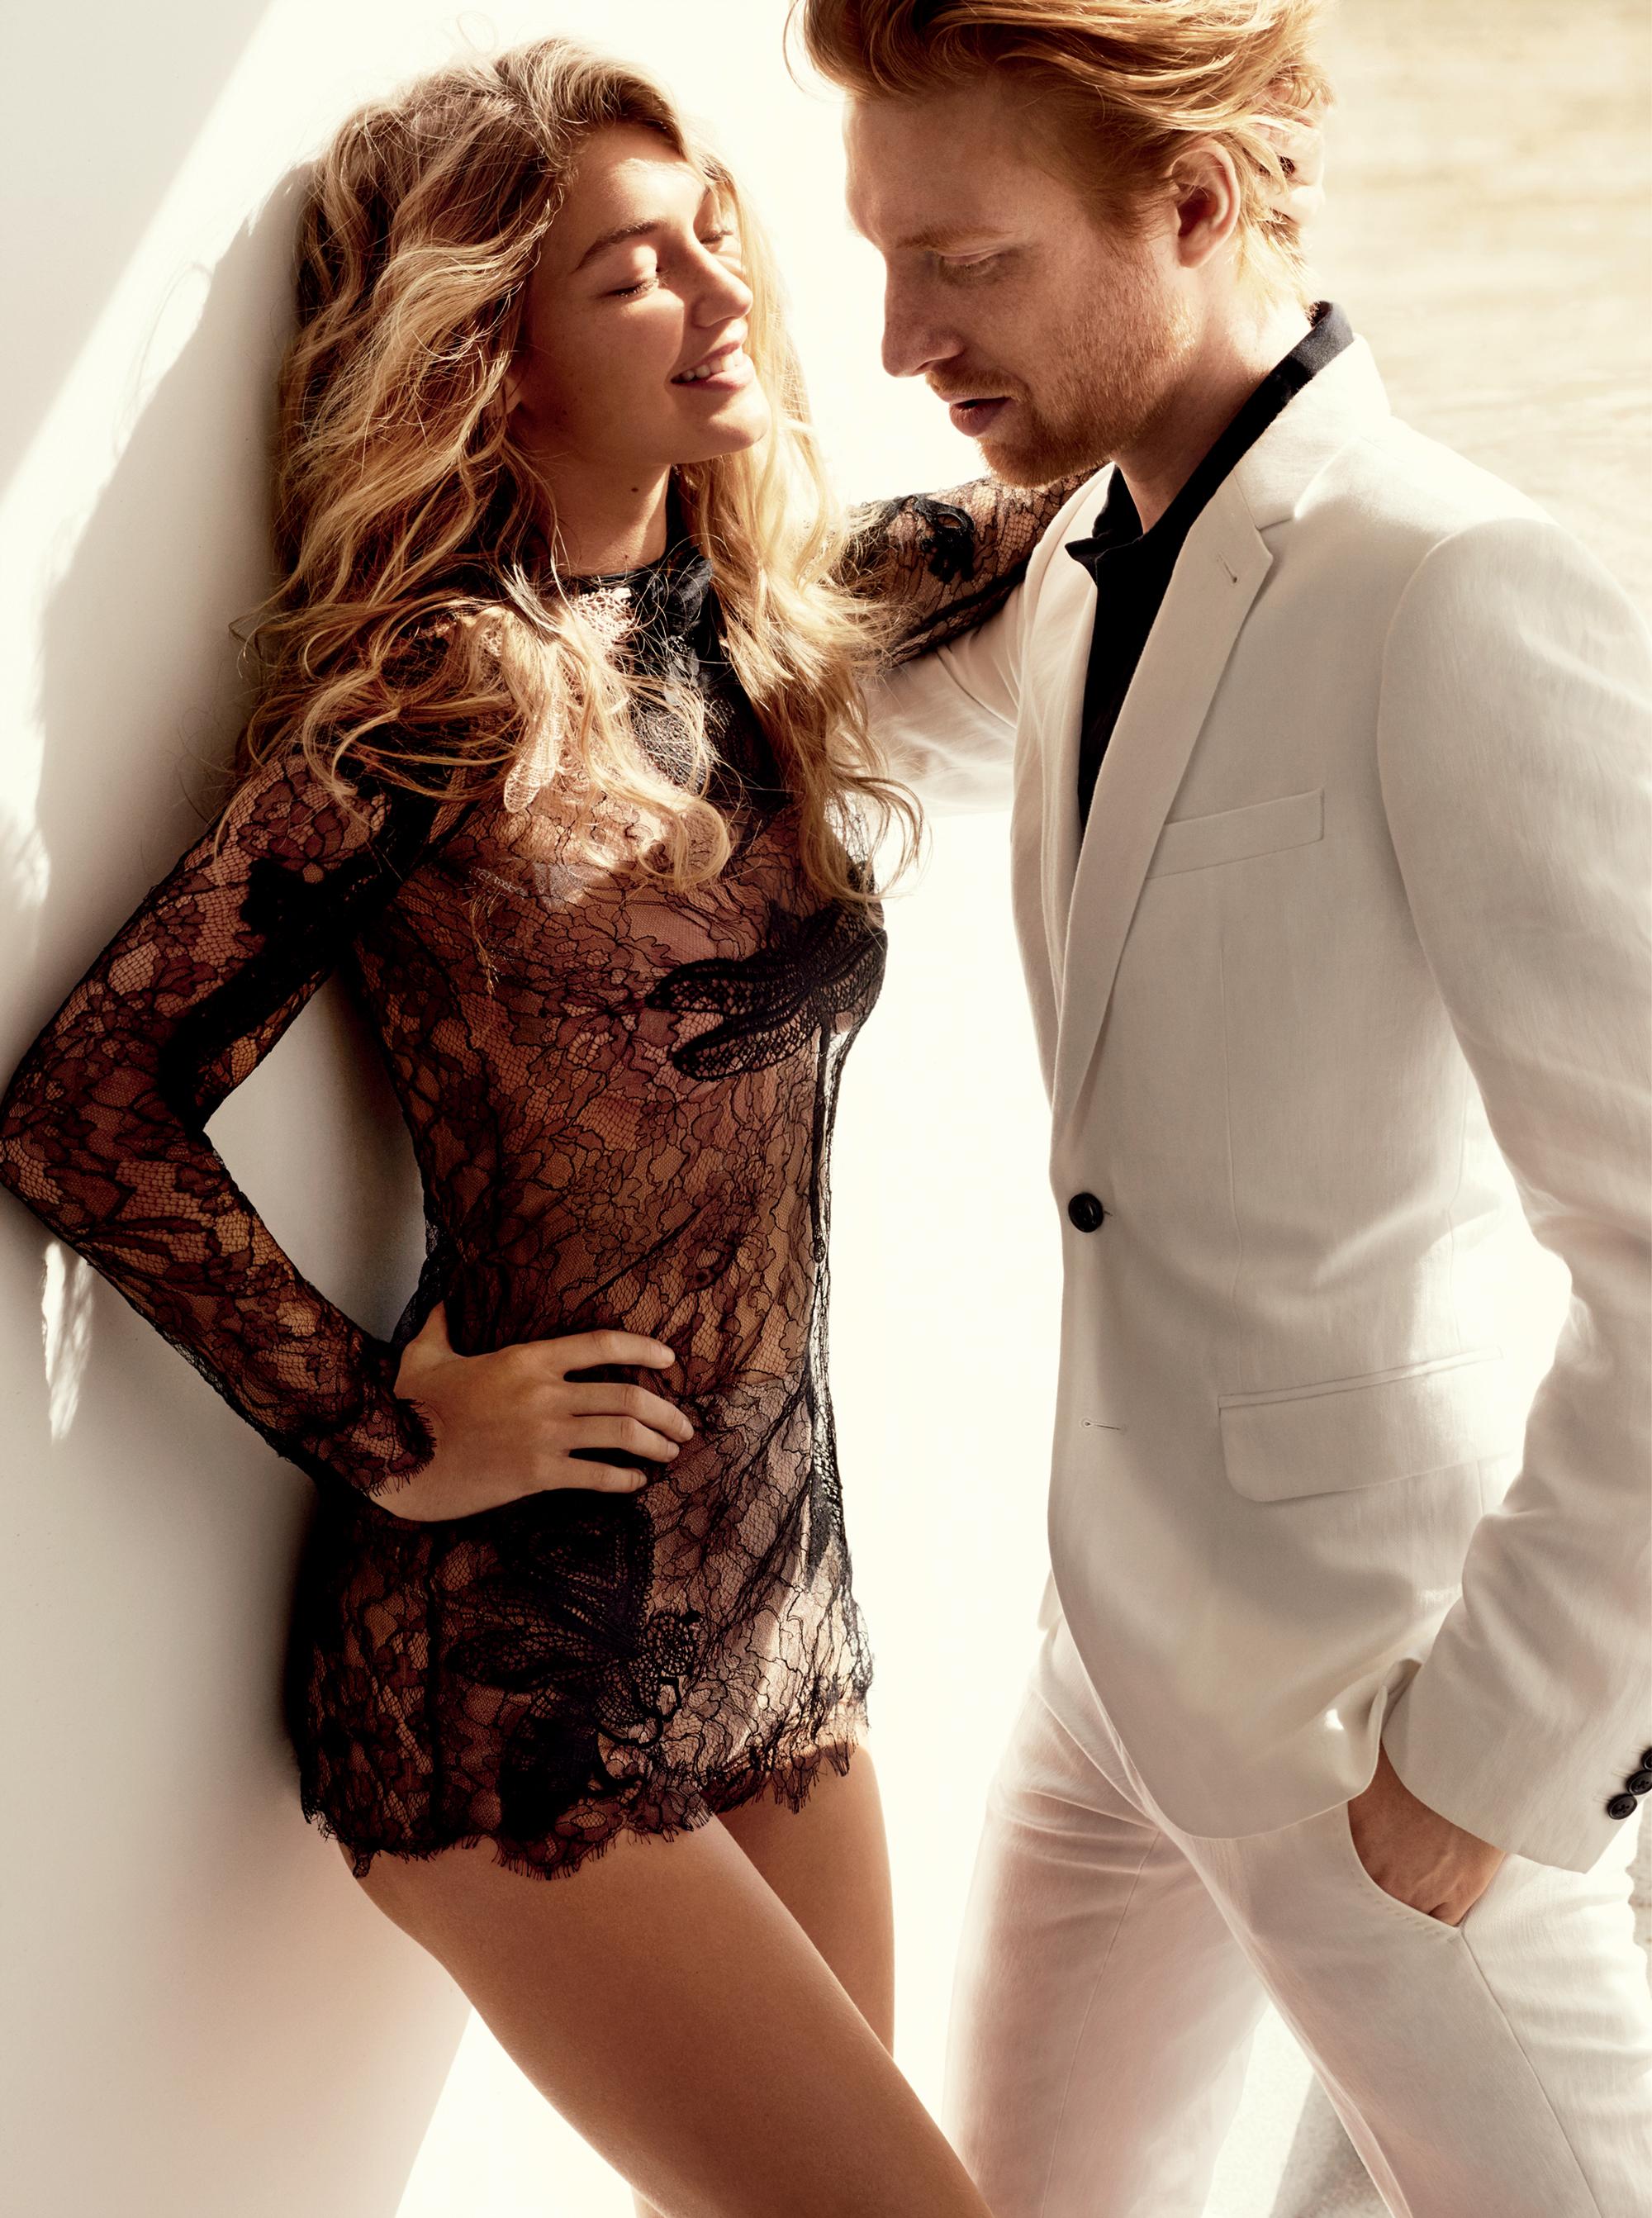 Domhnall Gleeson Joins Gigi Hadid for Vogue Shoot